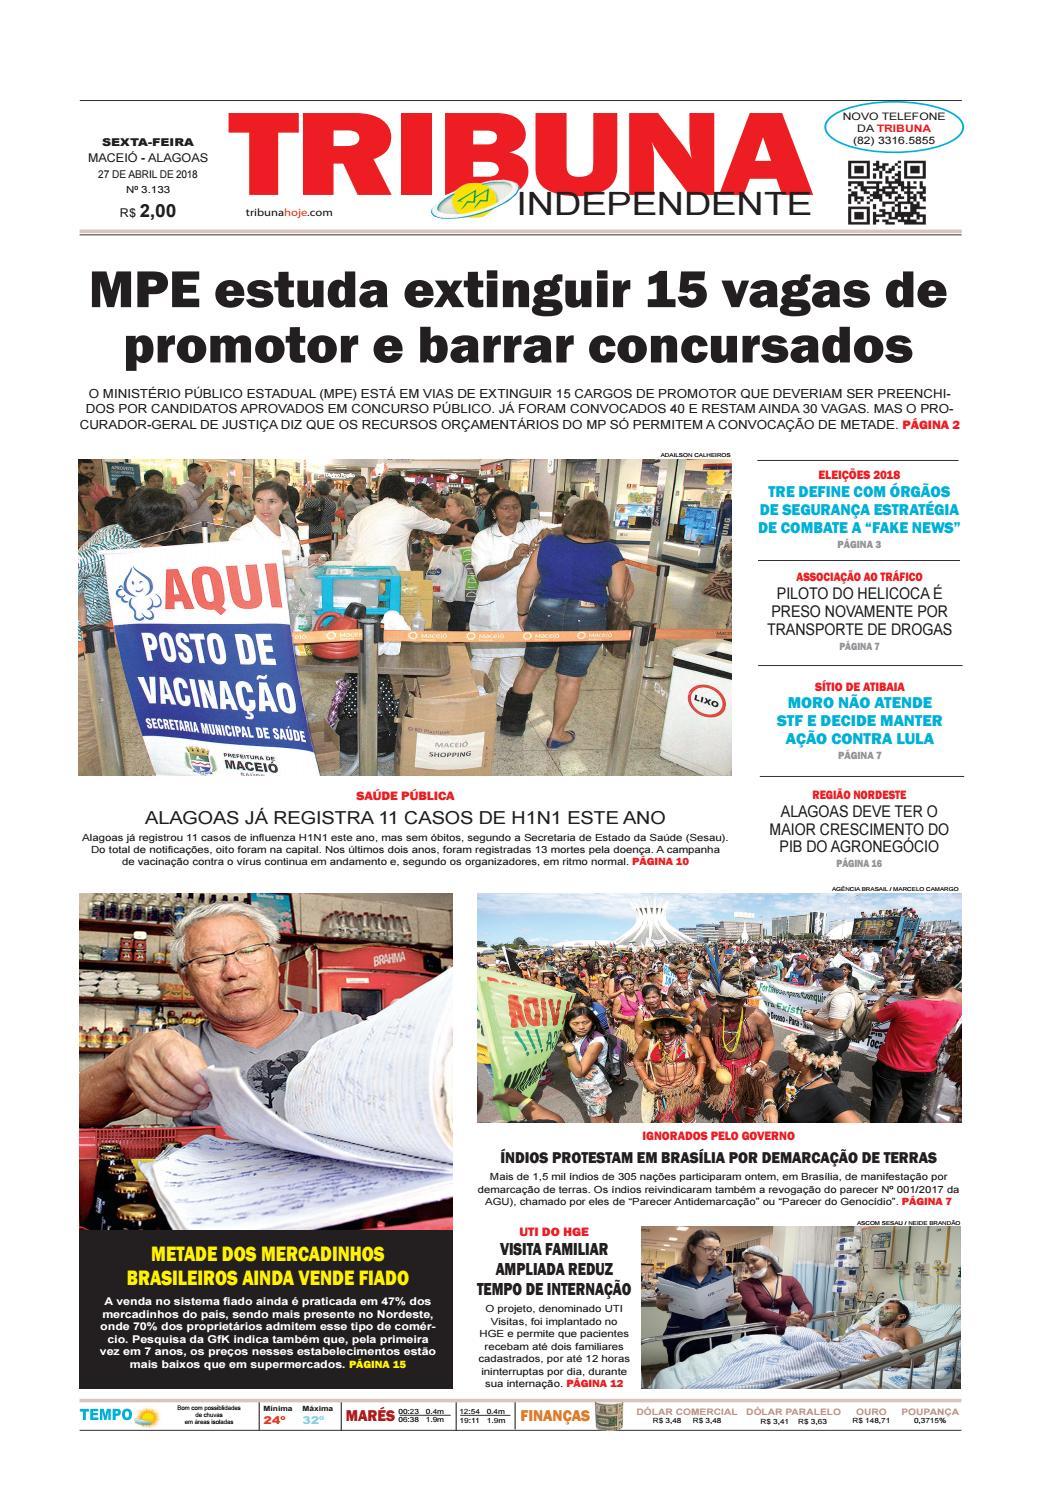 fdda7dbc791 Edição número 3133 - 27 de abril de 2018 by Tribuna Hoje - issuu